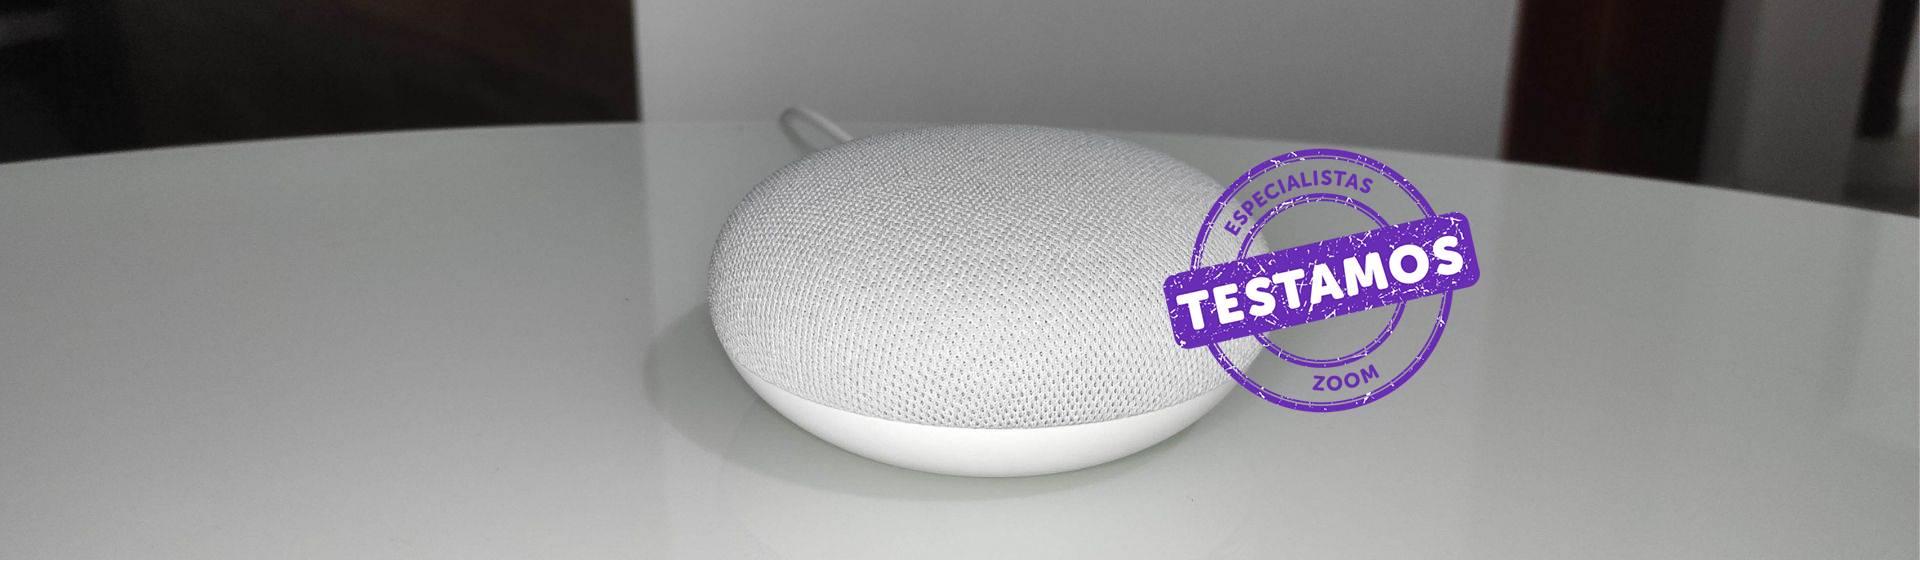 Google Nest Mini: design moderno, mas recursos básicos